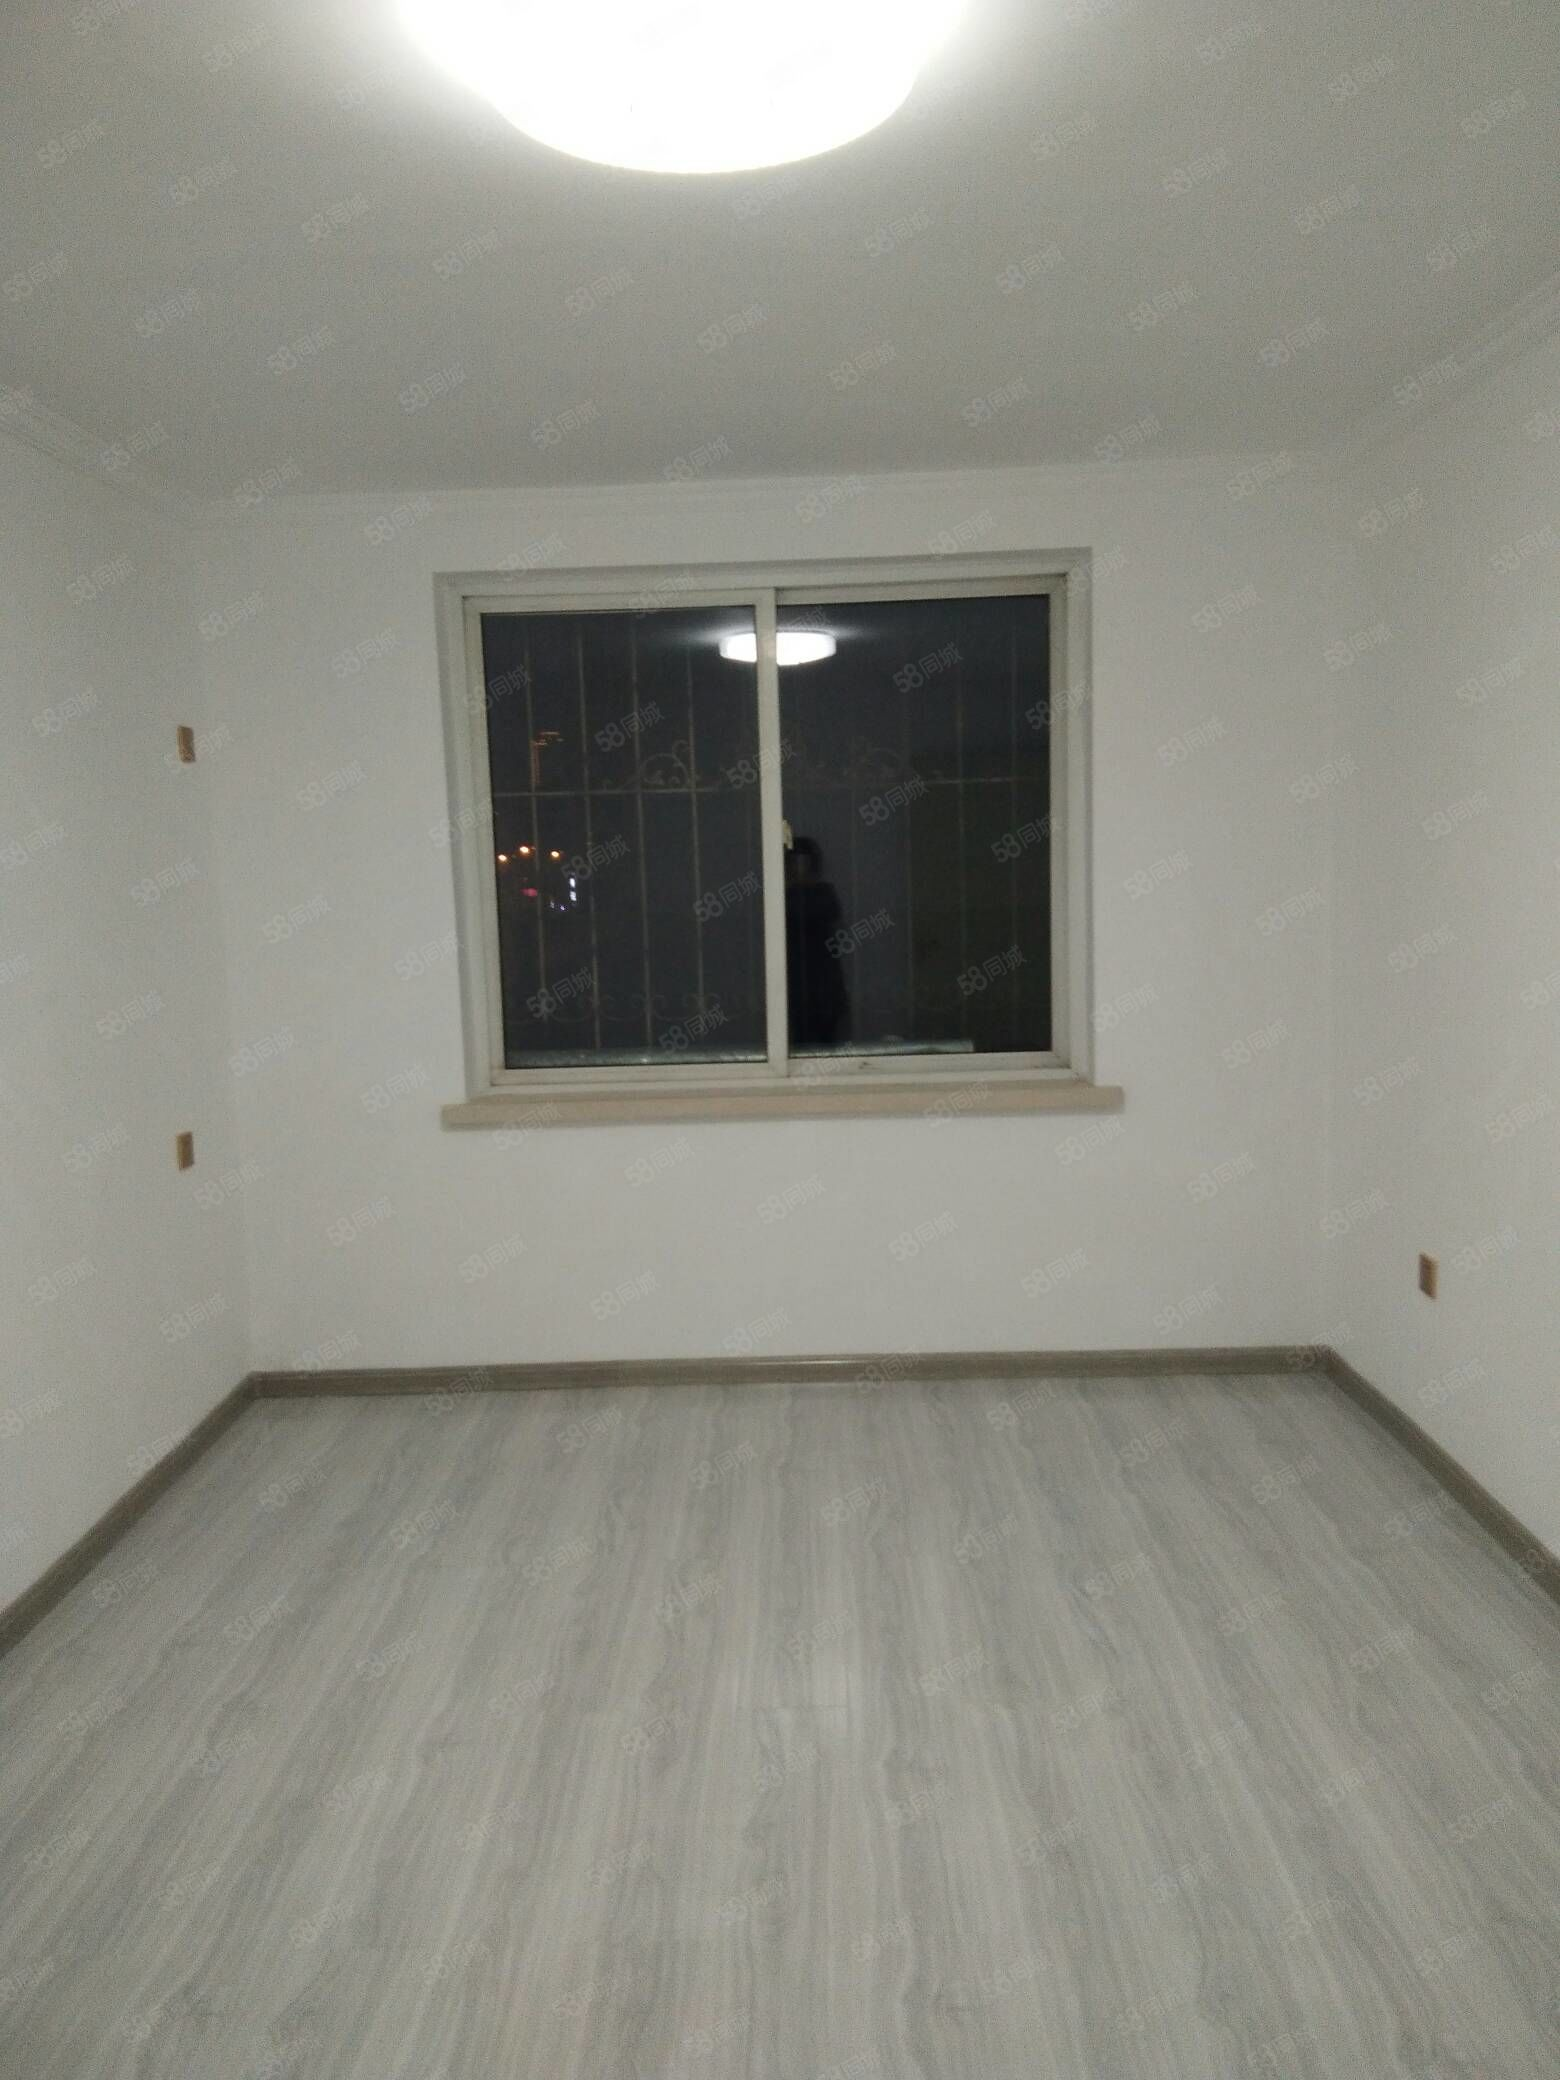 盛世新城56平三樓三陽格局精裝修地暖24.5萬可貸款